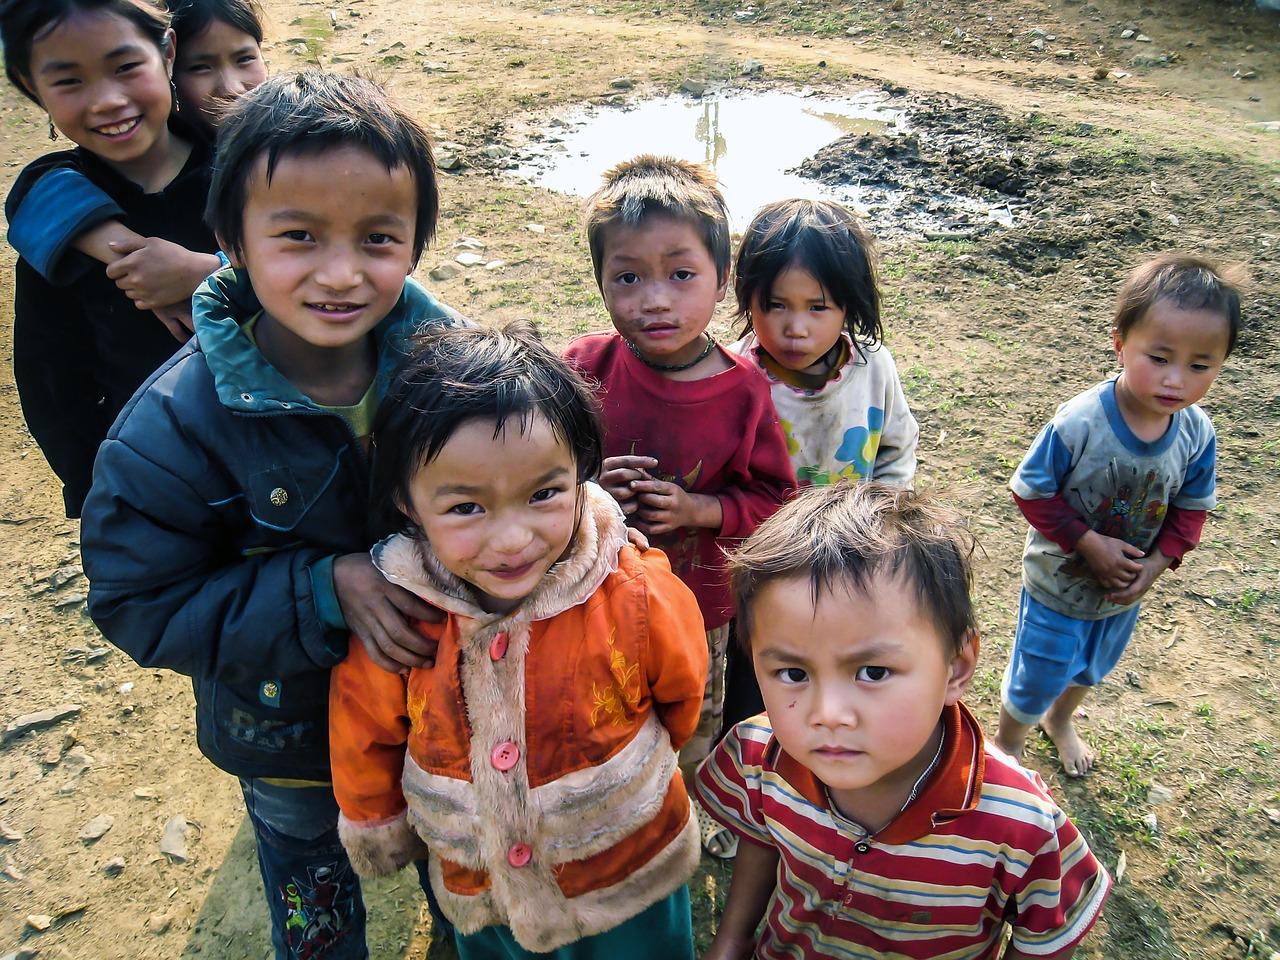 Ảnh những đứa trẻ nhà nghèo nhưng vẫn rạng rỡ tươi vui